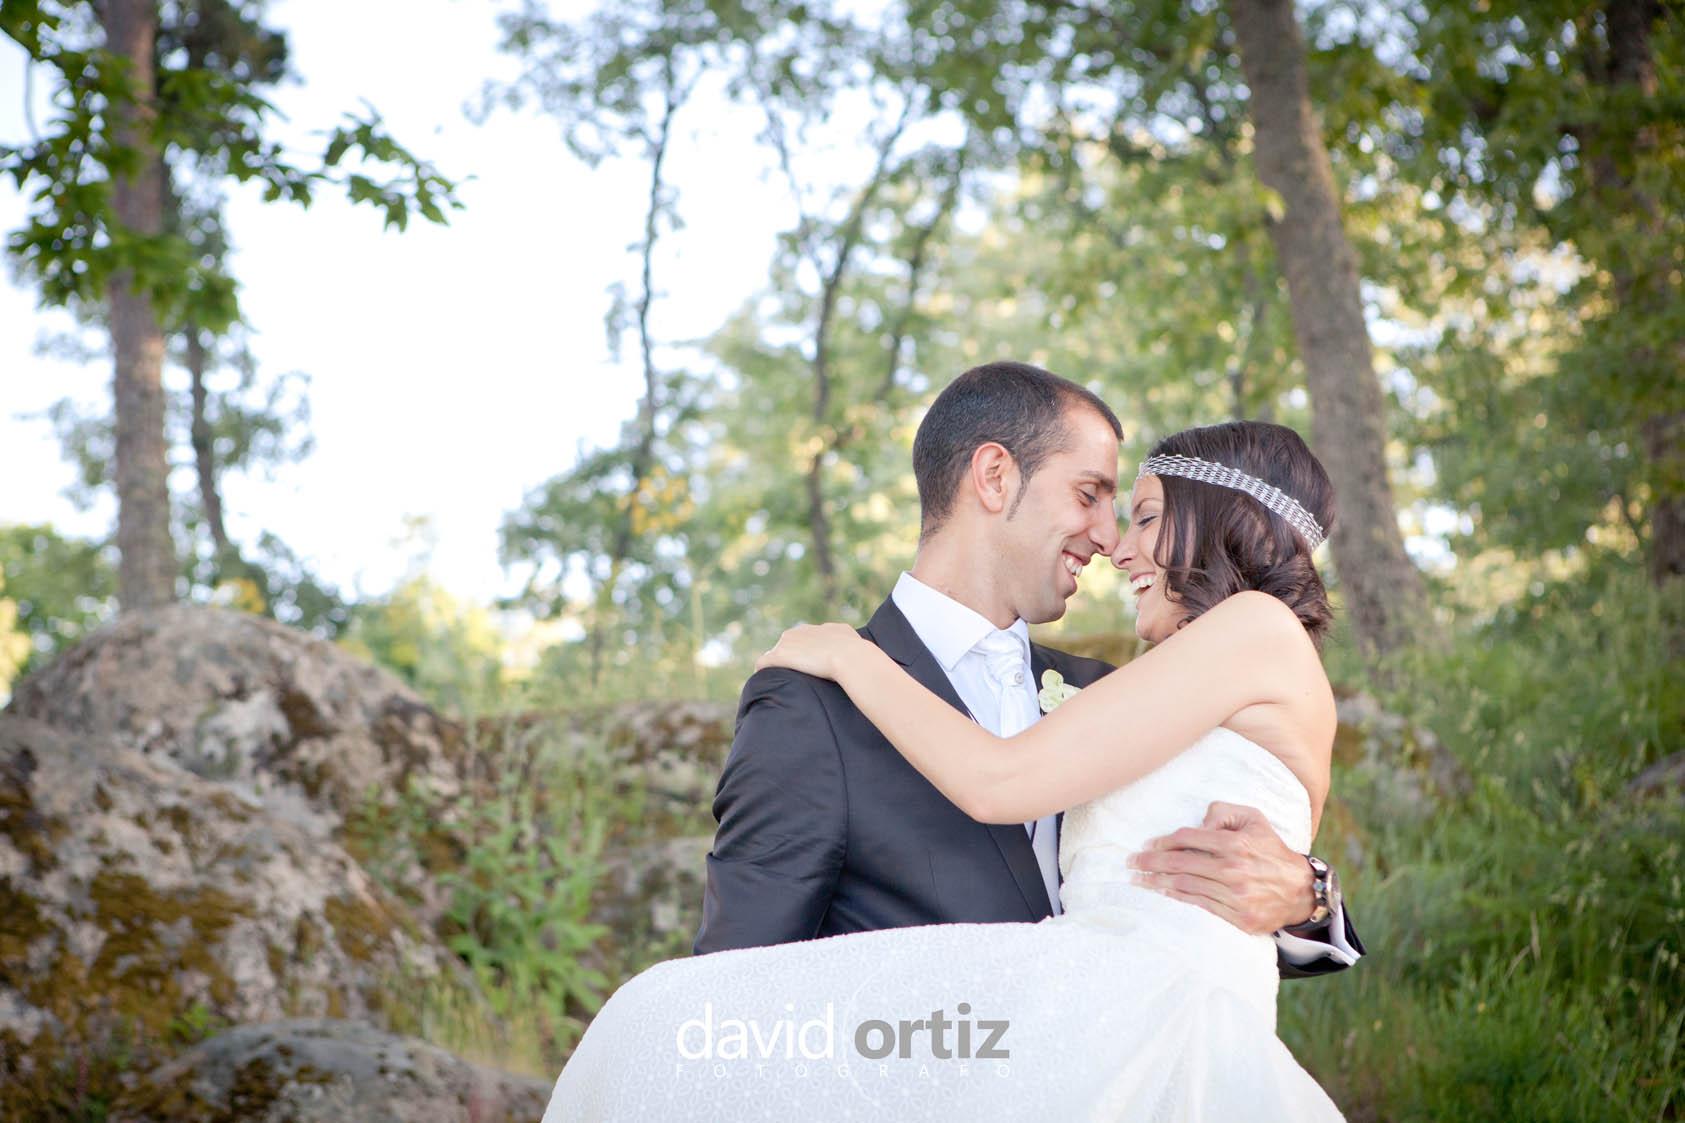 Fotografía y reportaje de la boda de Montsey Vicente, realizado por David Ortiz Fotógrafo enSalamanca